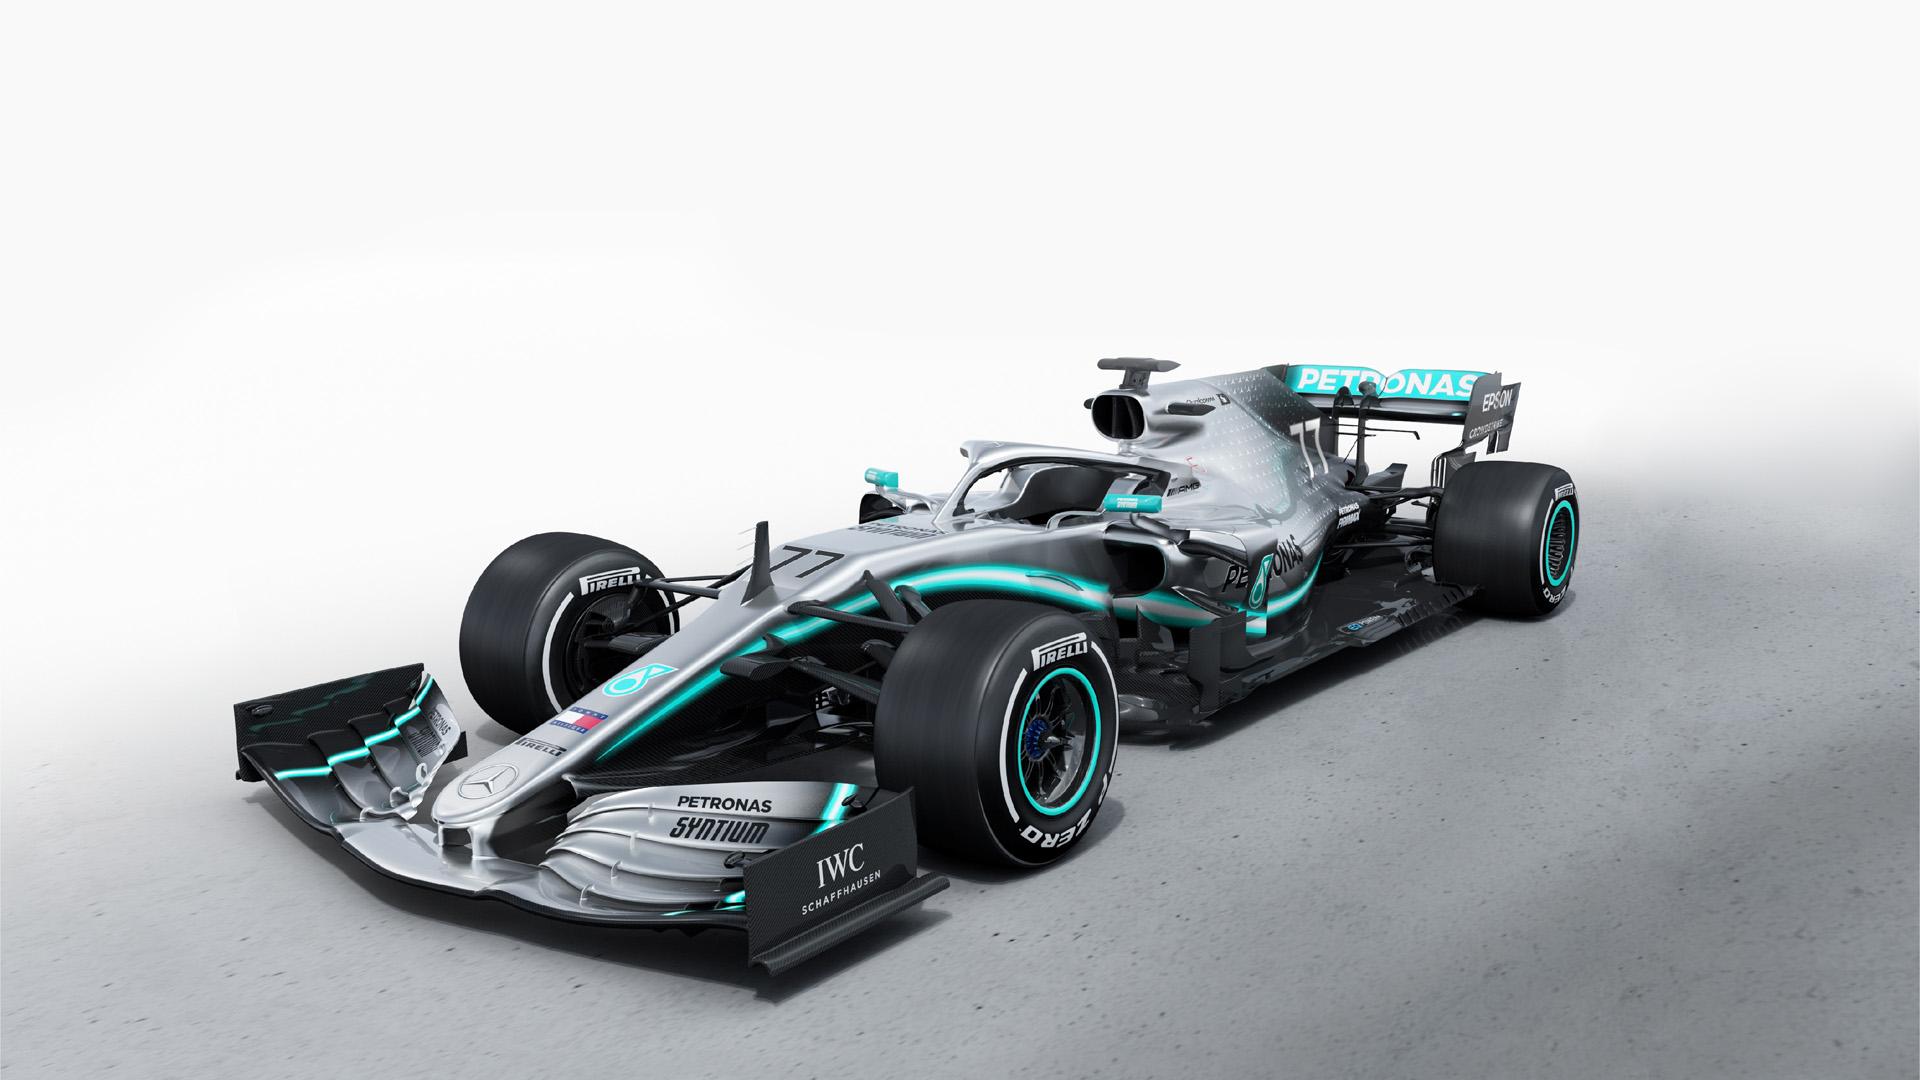 Mercedes-AMG F1 W10 EQ Power+ Formel-1-Rennwagen der Saison 2019. Studioaufnahme von links vorn.